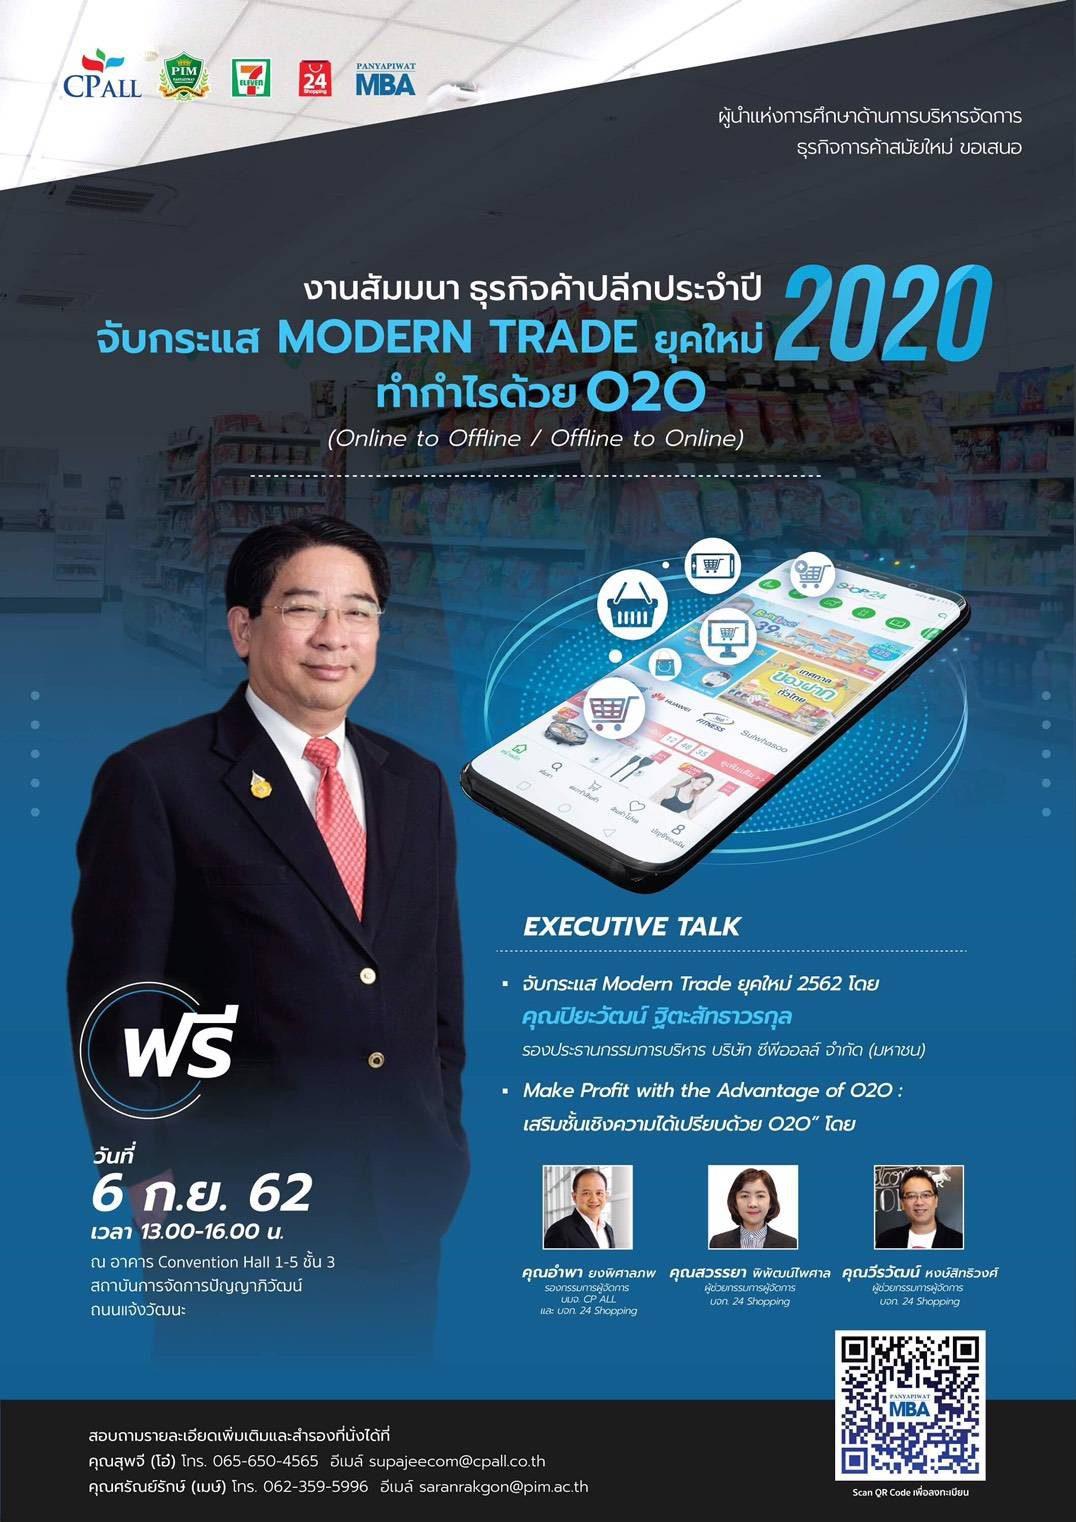 """พีไอเอ็ม เชิญร่วมสัมมนาธุรกิจค้าปลึก """"จับกระแส Modern Trade ยุคใหม่ 2020: ทำกำไรด้วย O2O"""""""